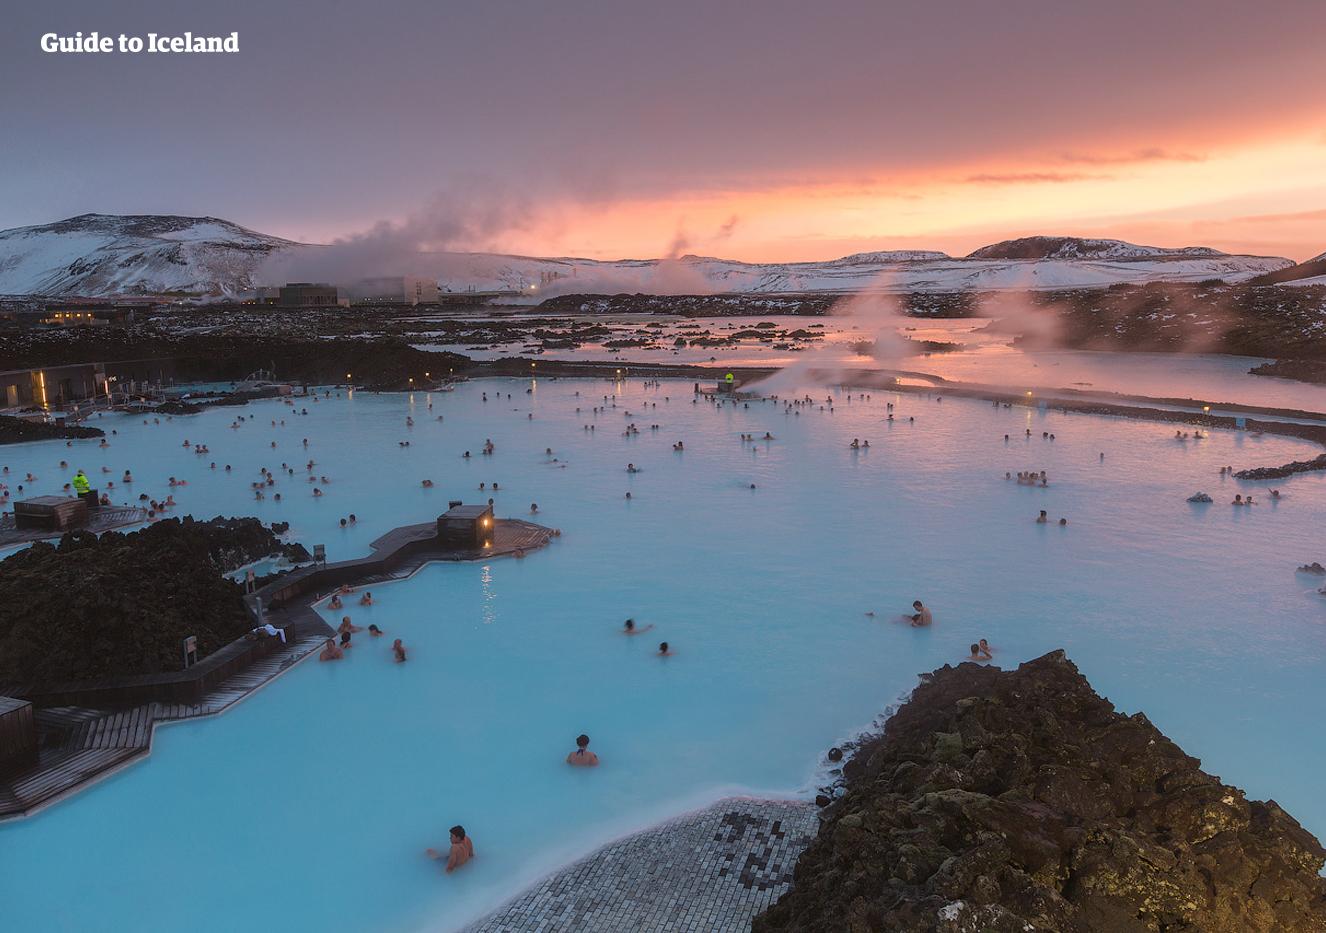 블루라군! 아이슬란드의 최고의 인기를 누리는 곳으로, 레이캬네스 반도의 용암대지에 위치해 있습니다.